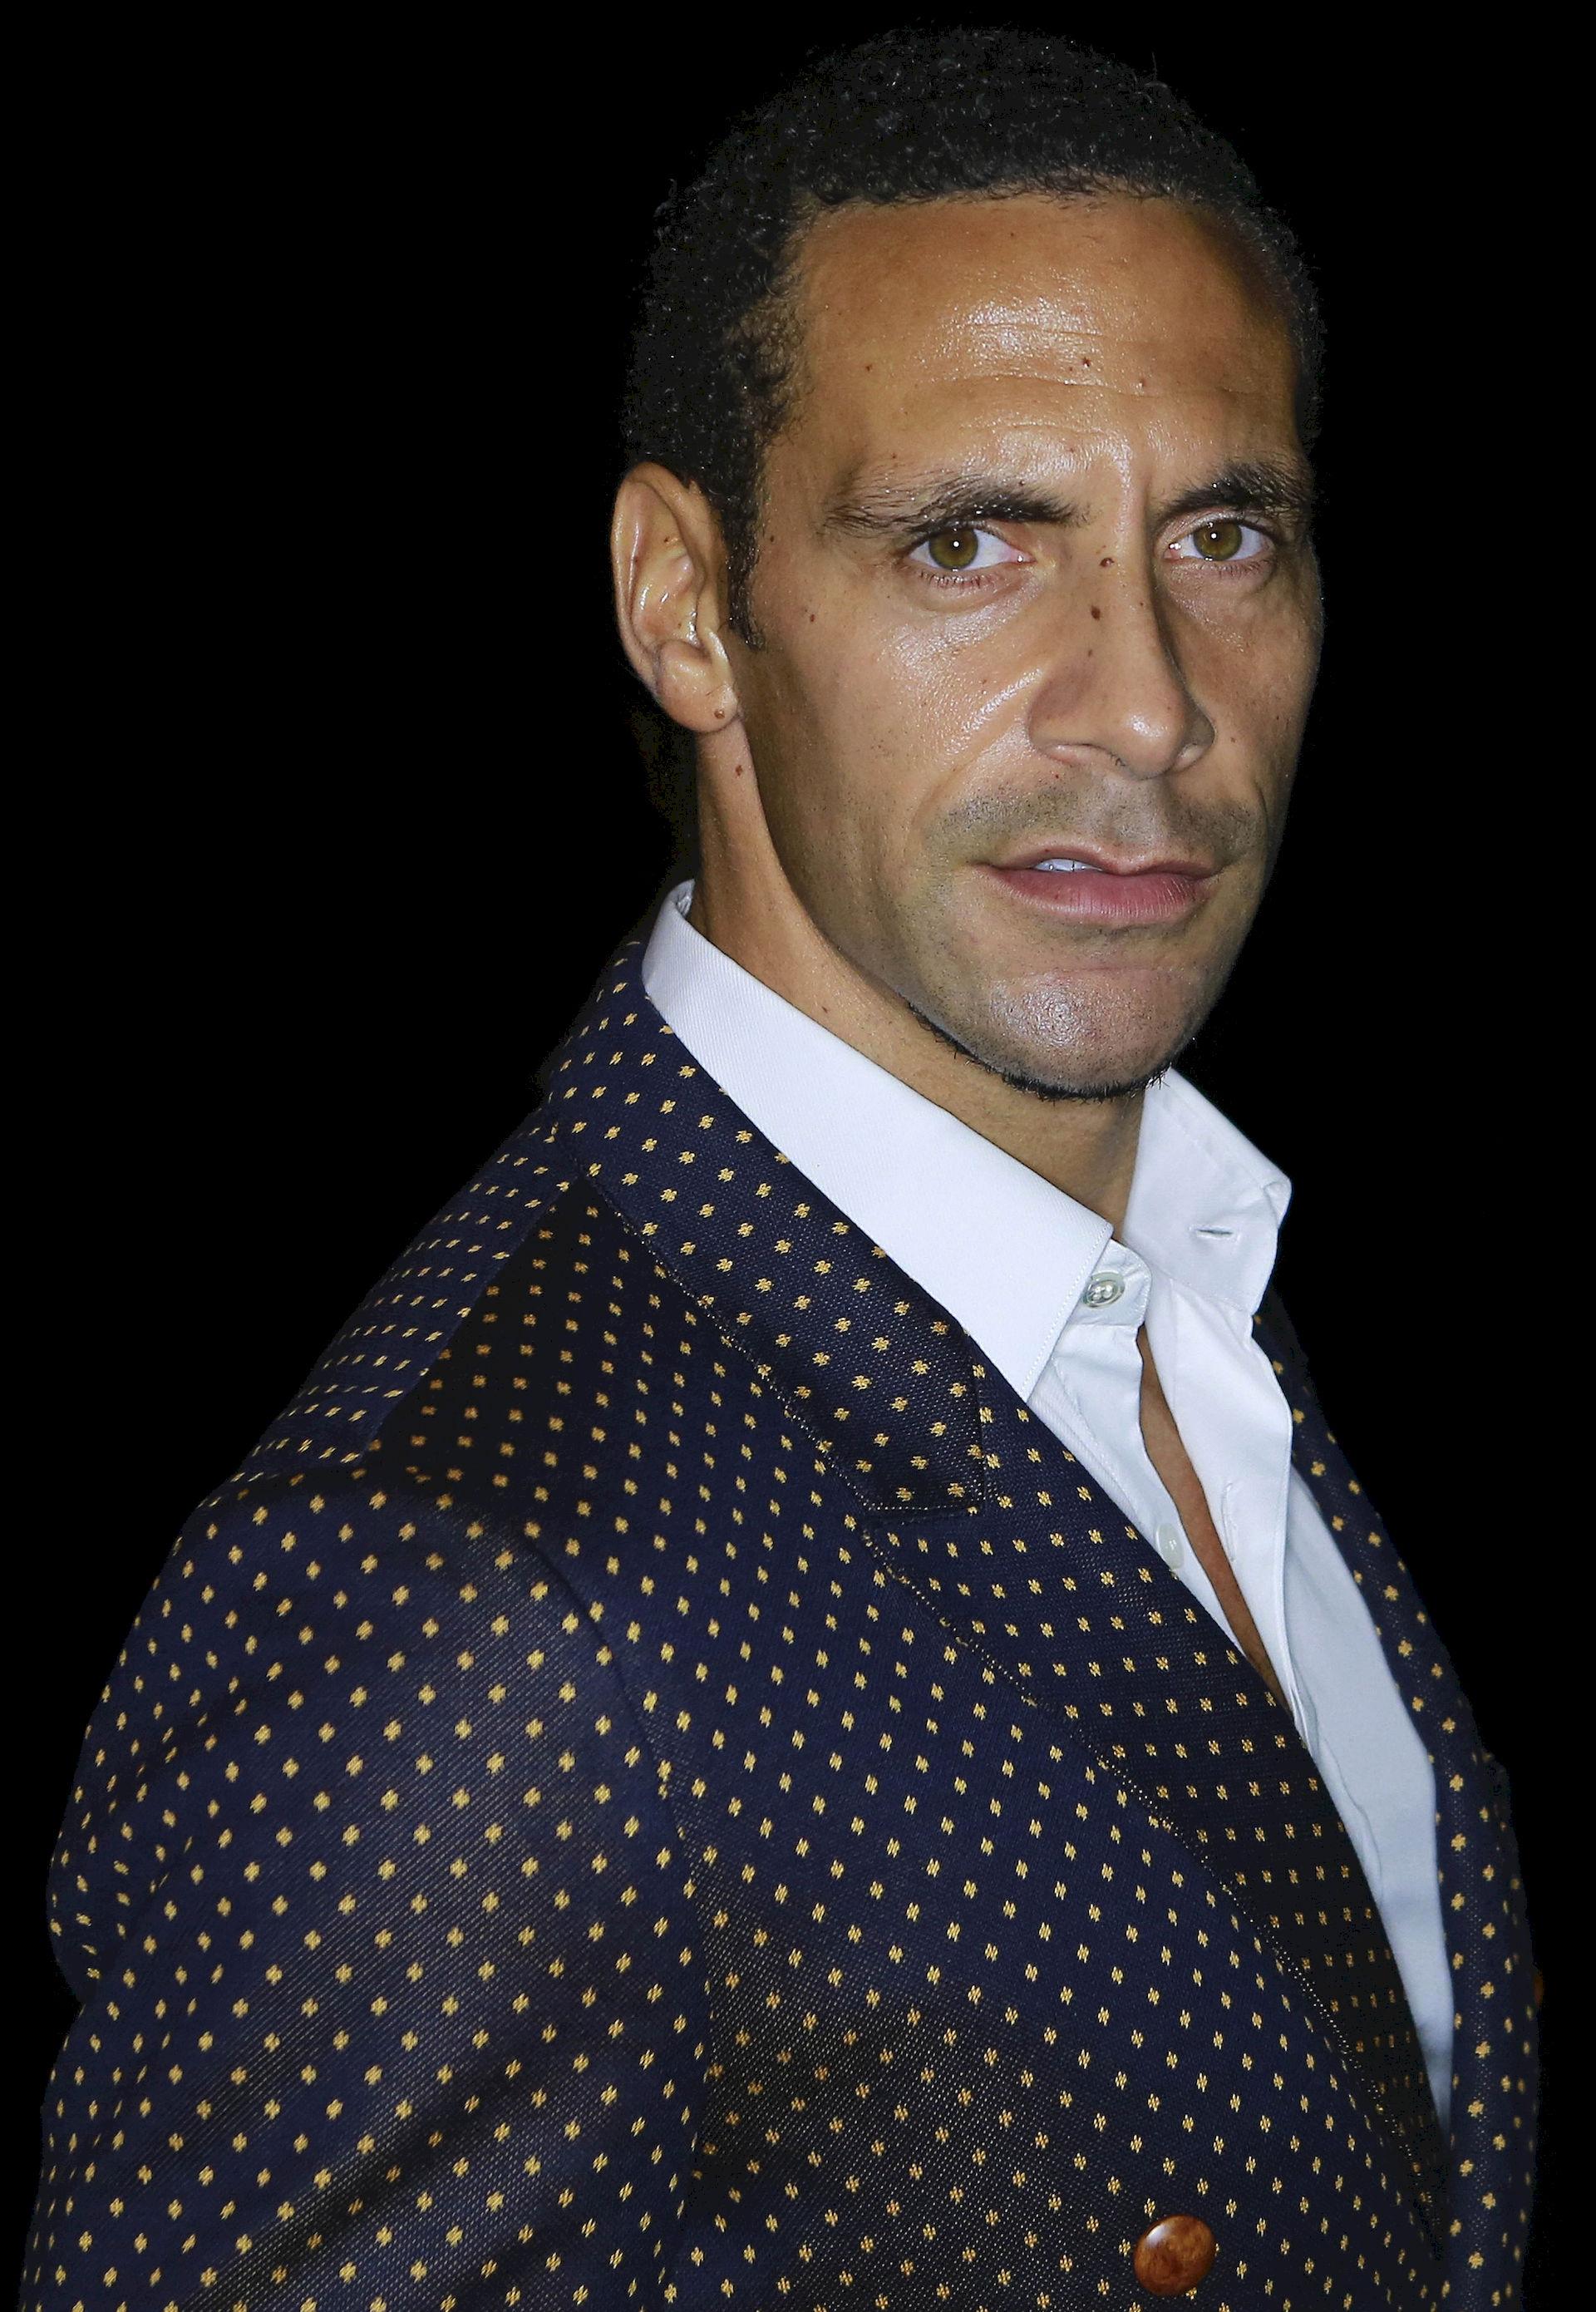 Photo of Rio Ferdinand: English footballer